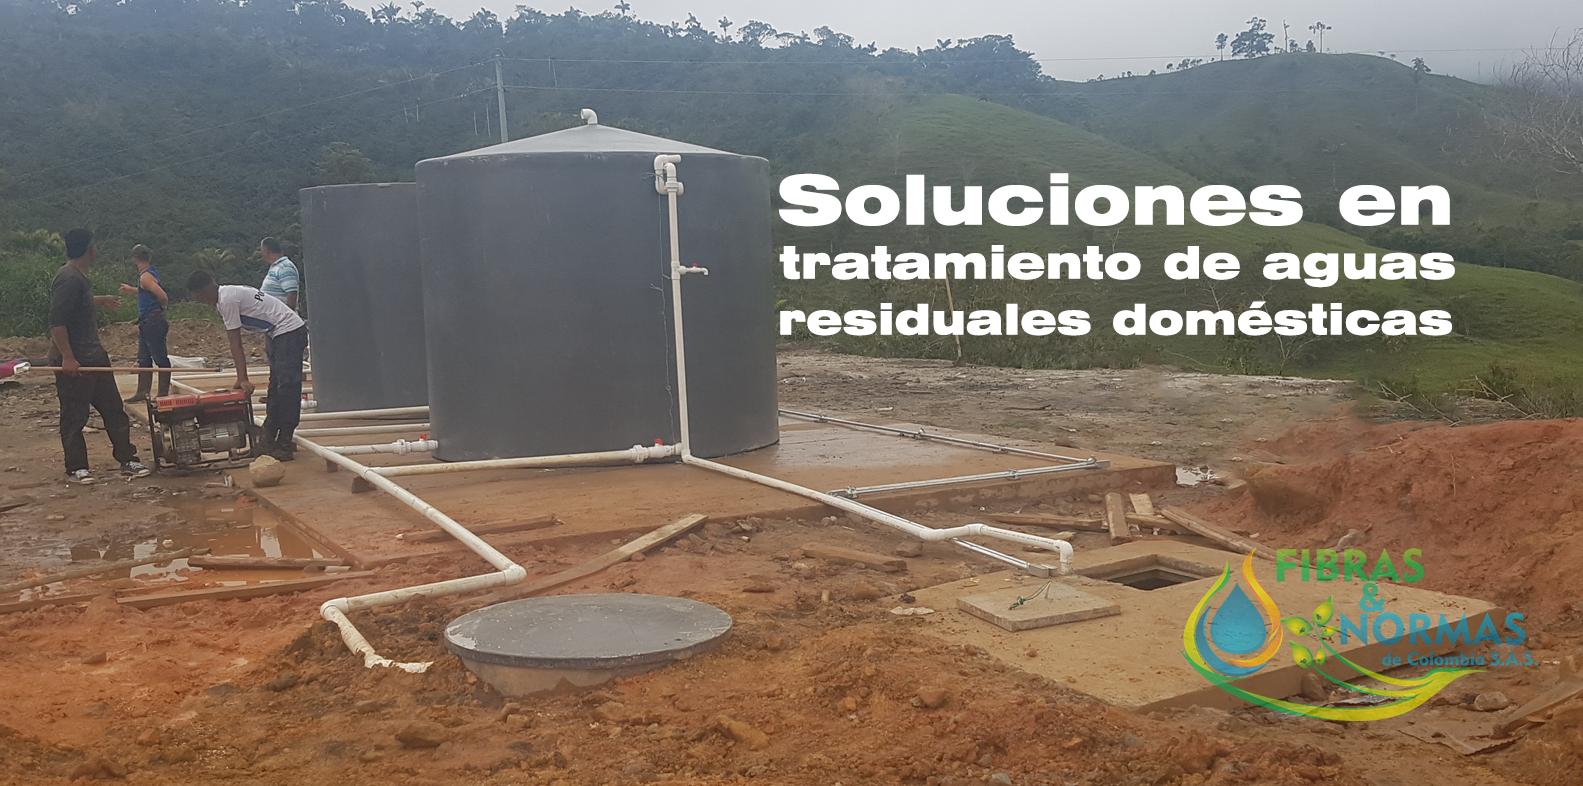 soluciones en tratamiento de aguas residuales domesticas